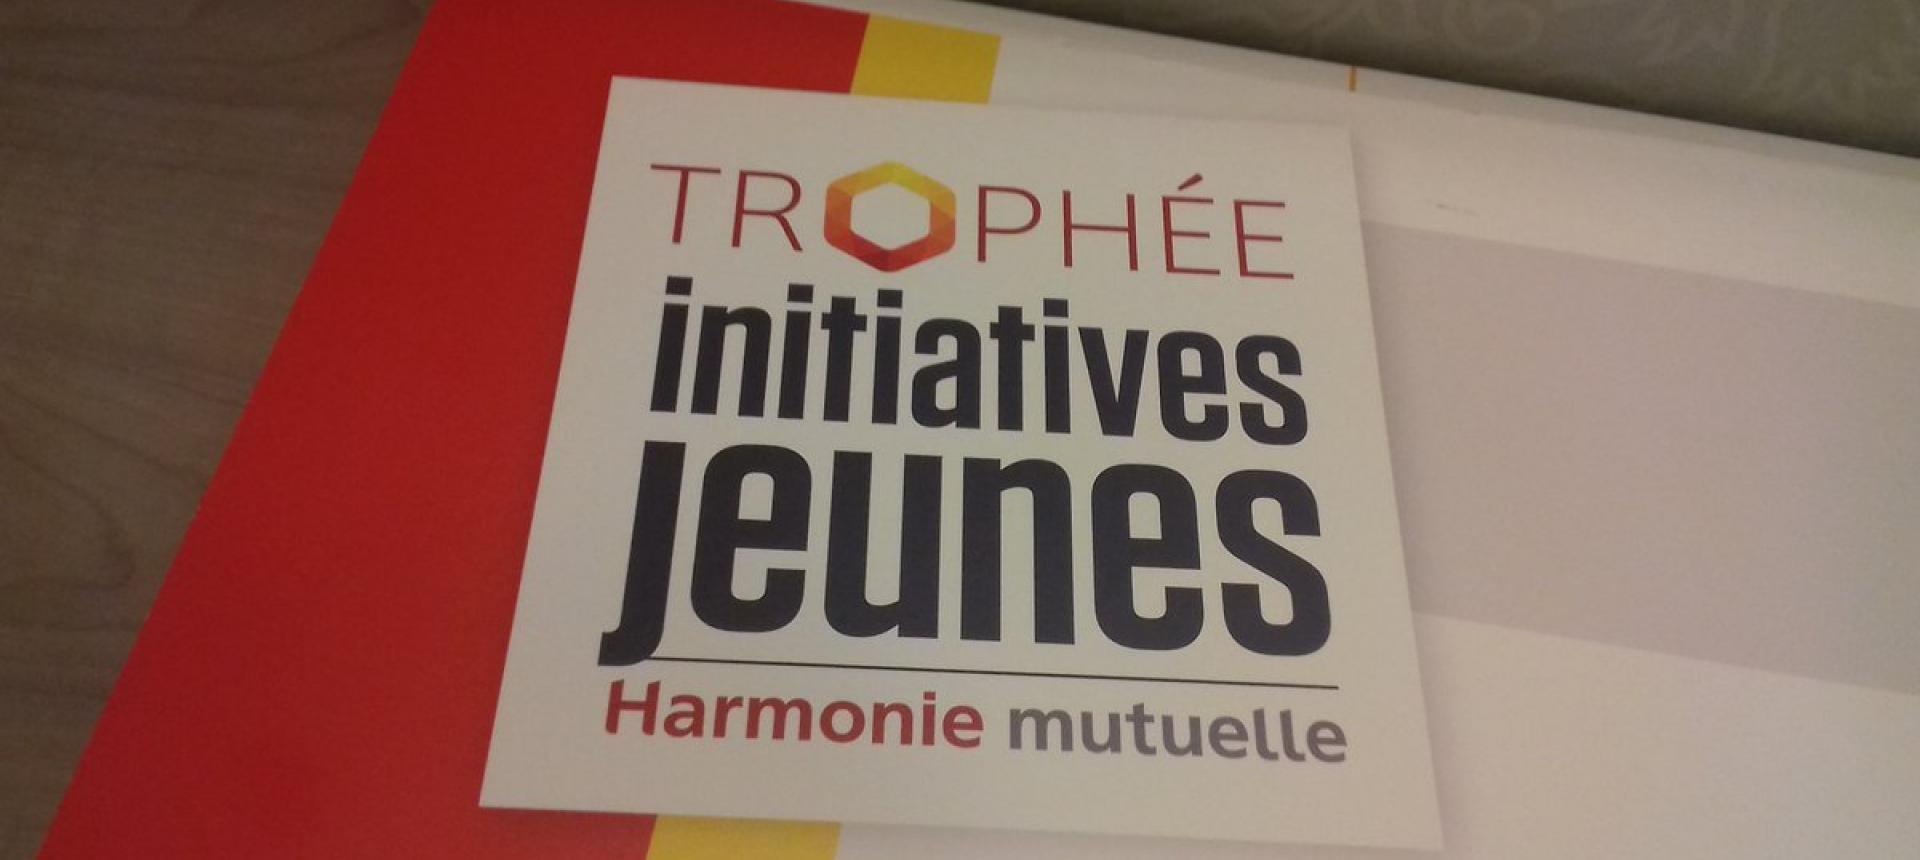 Trophée initiatives jeunes Harmonie Mutuelle